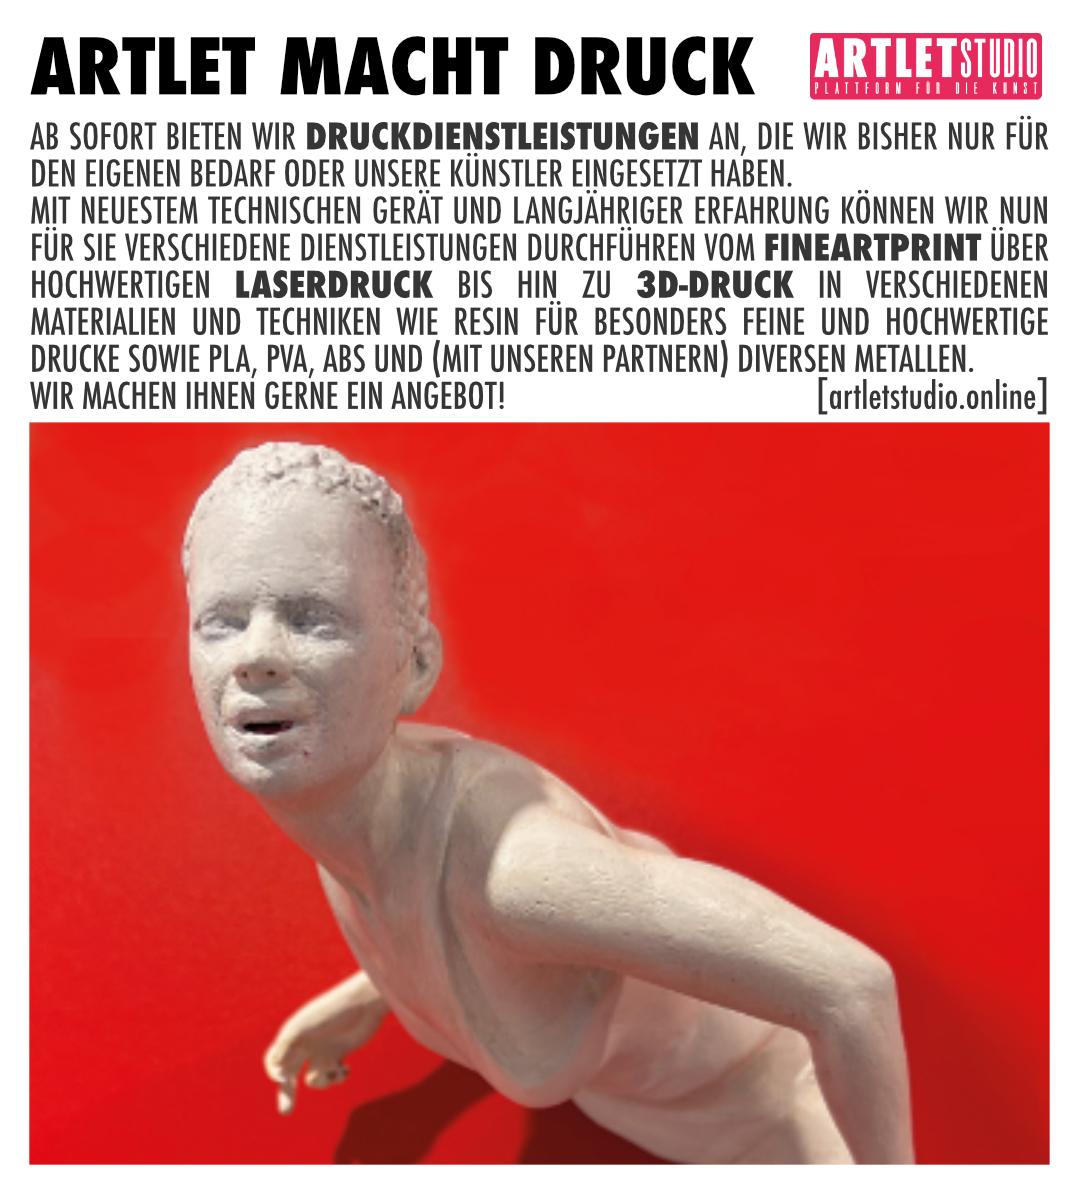 ARTLETSTUDIO MACHT DRUCK IN DER 2. UND 3. DIMENSION